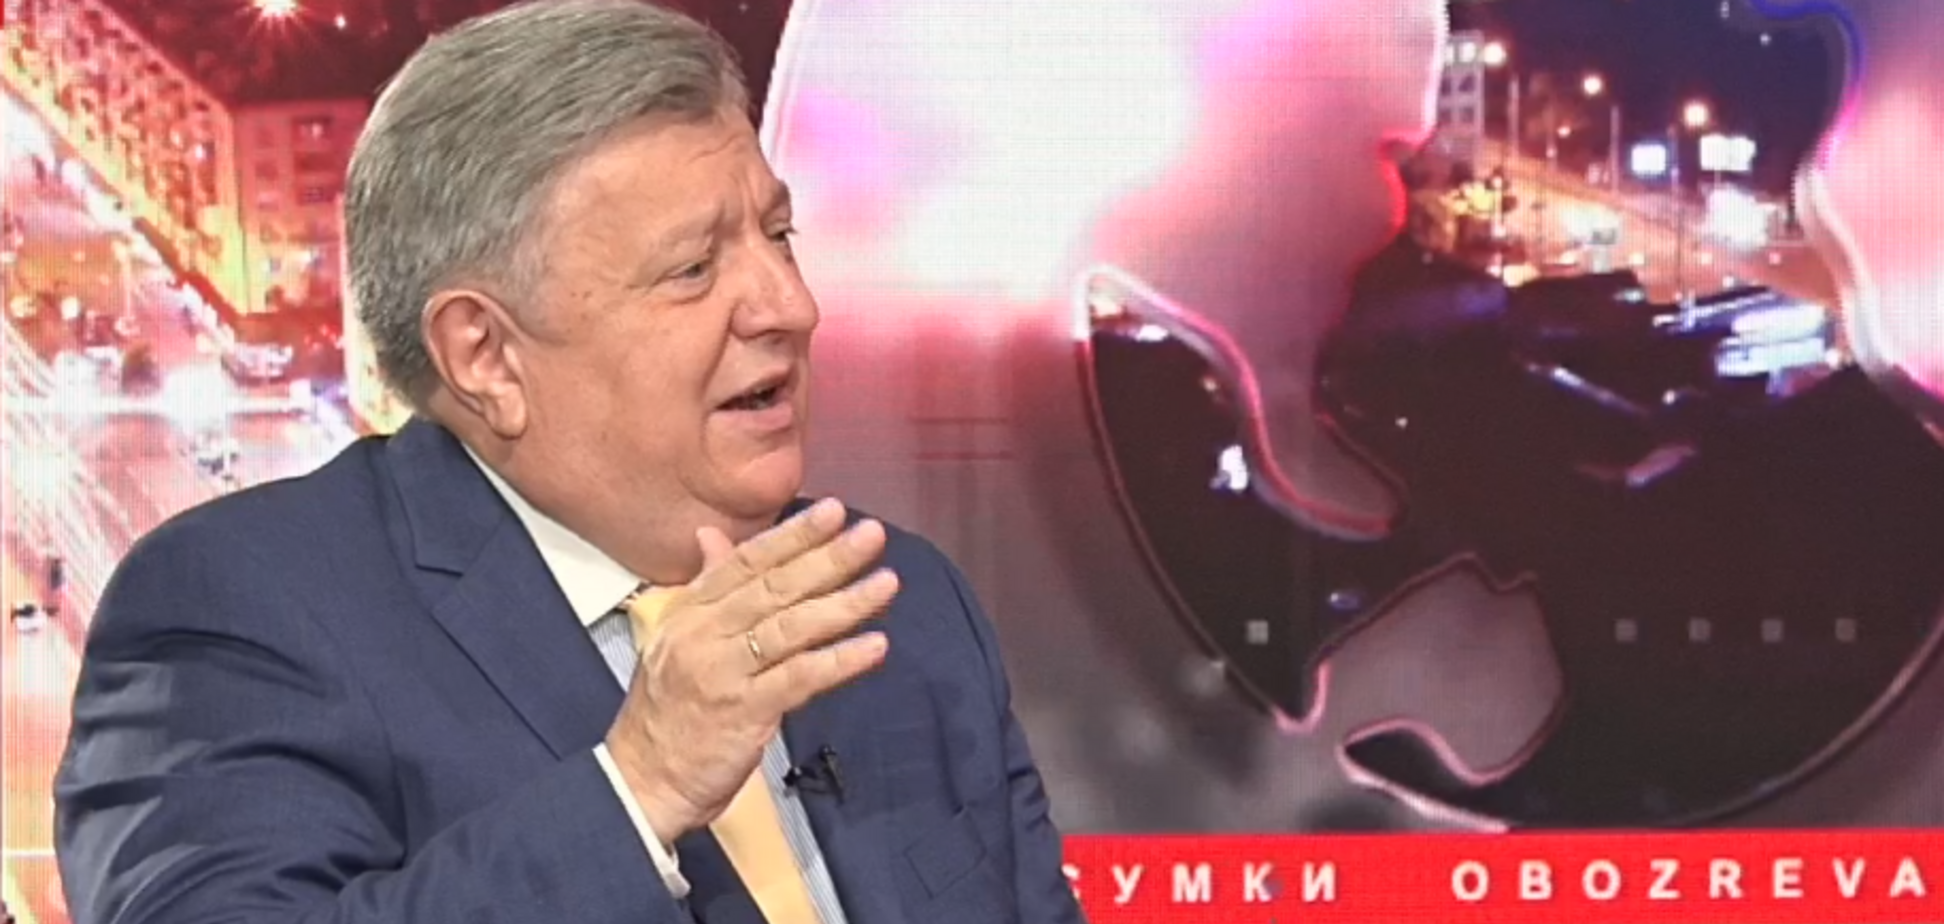 Непрофессионализм, долги СССР и приватизация - тормоза экономического развития Украины